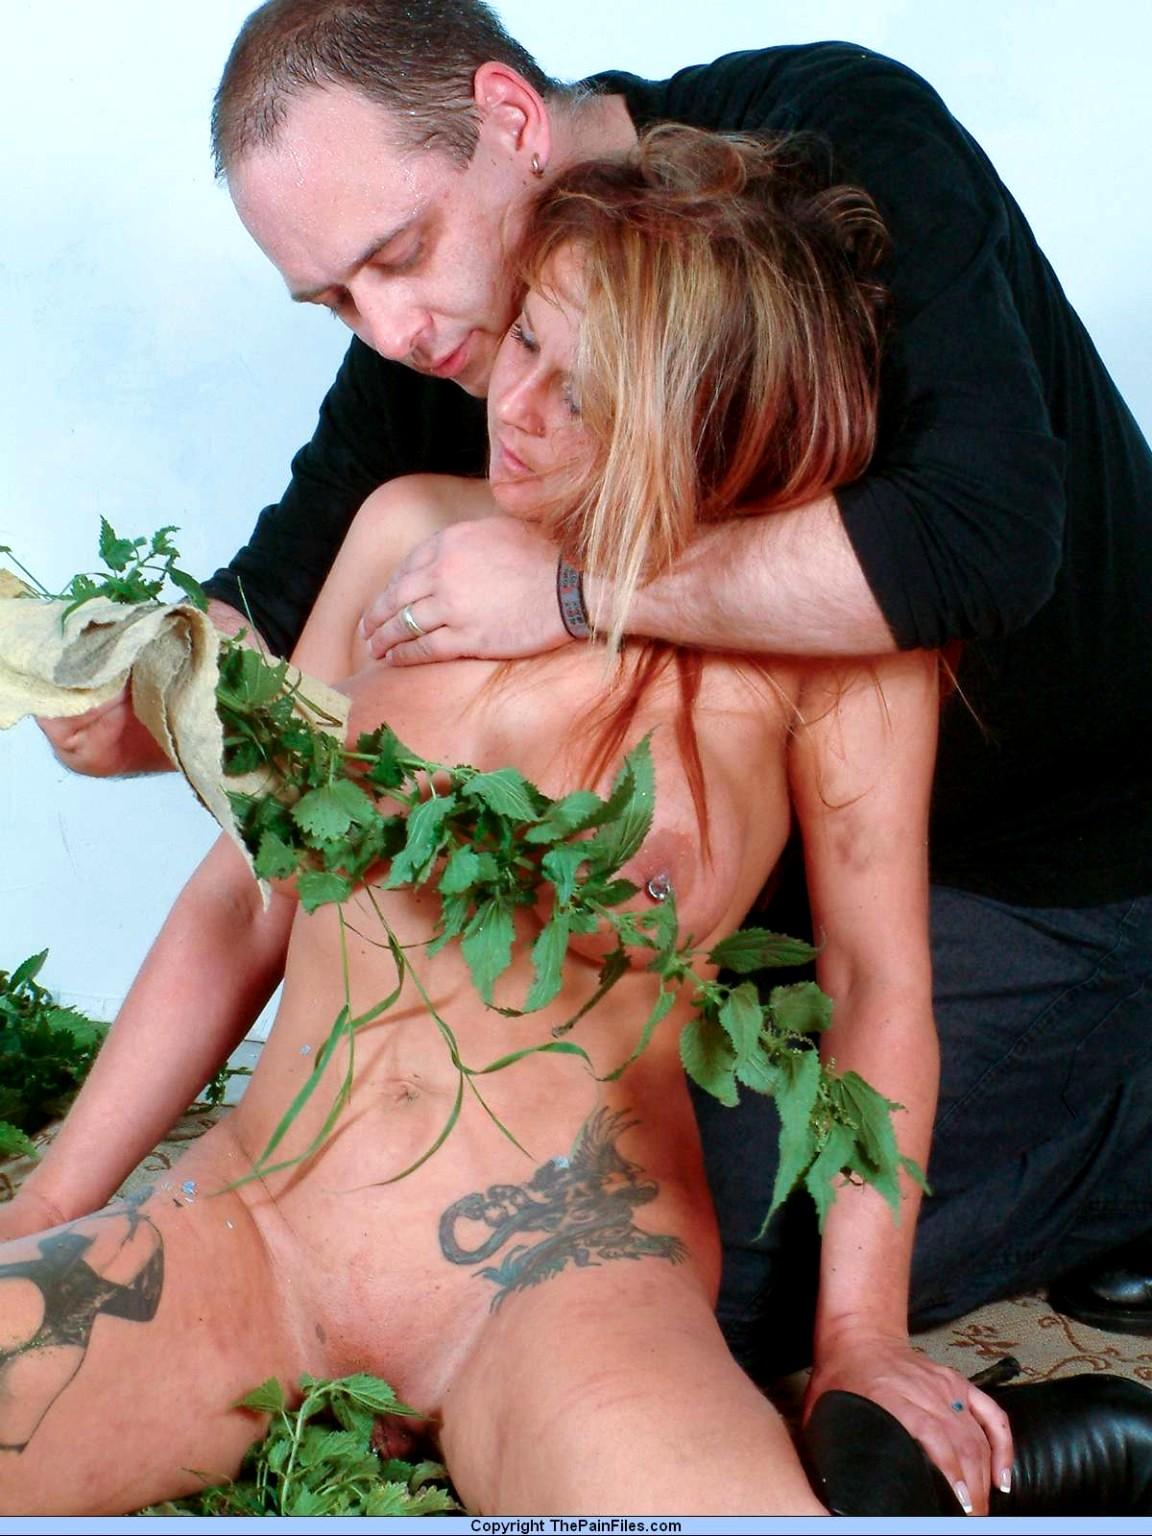 Porn Sex Photo Bdsm Download Nettle Impact